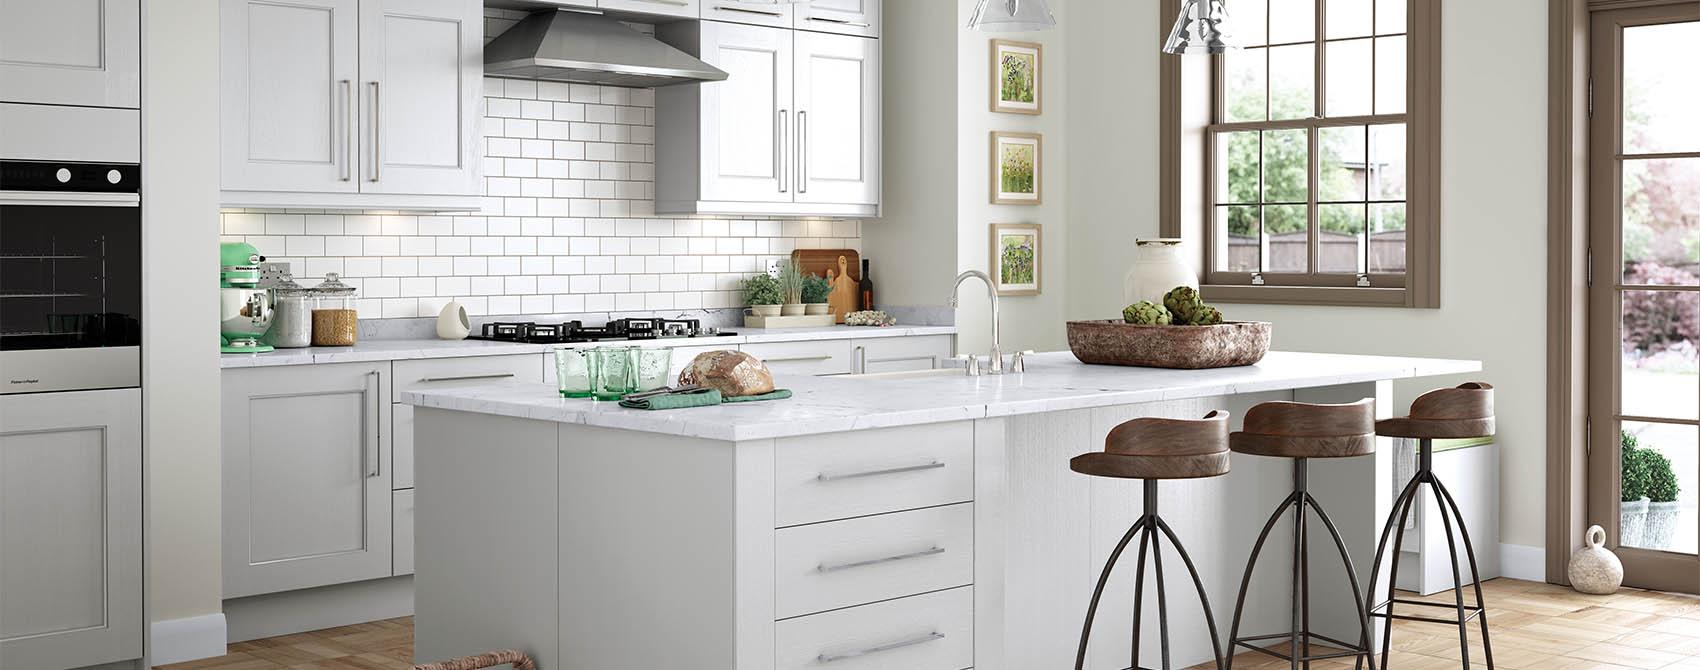 Farmhouse Kitchen White beaded shaker